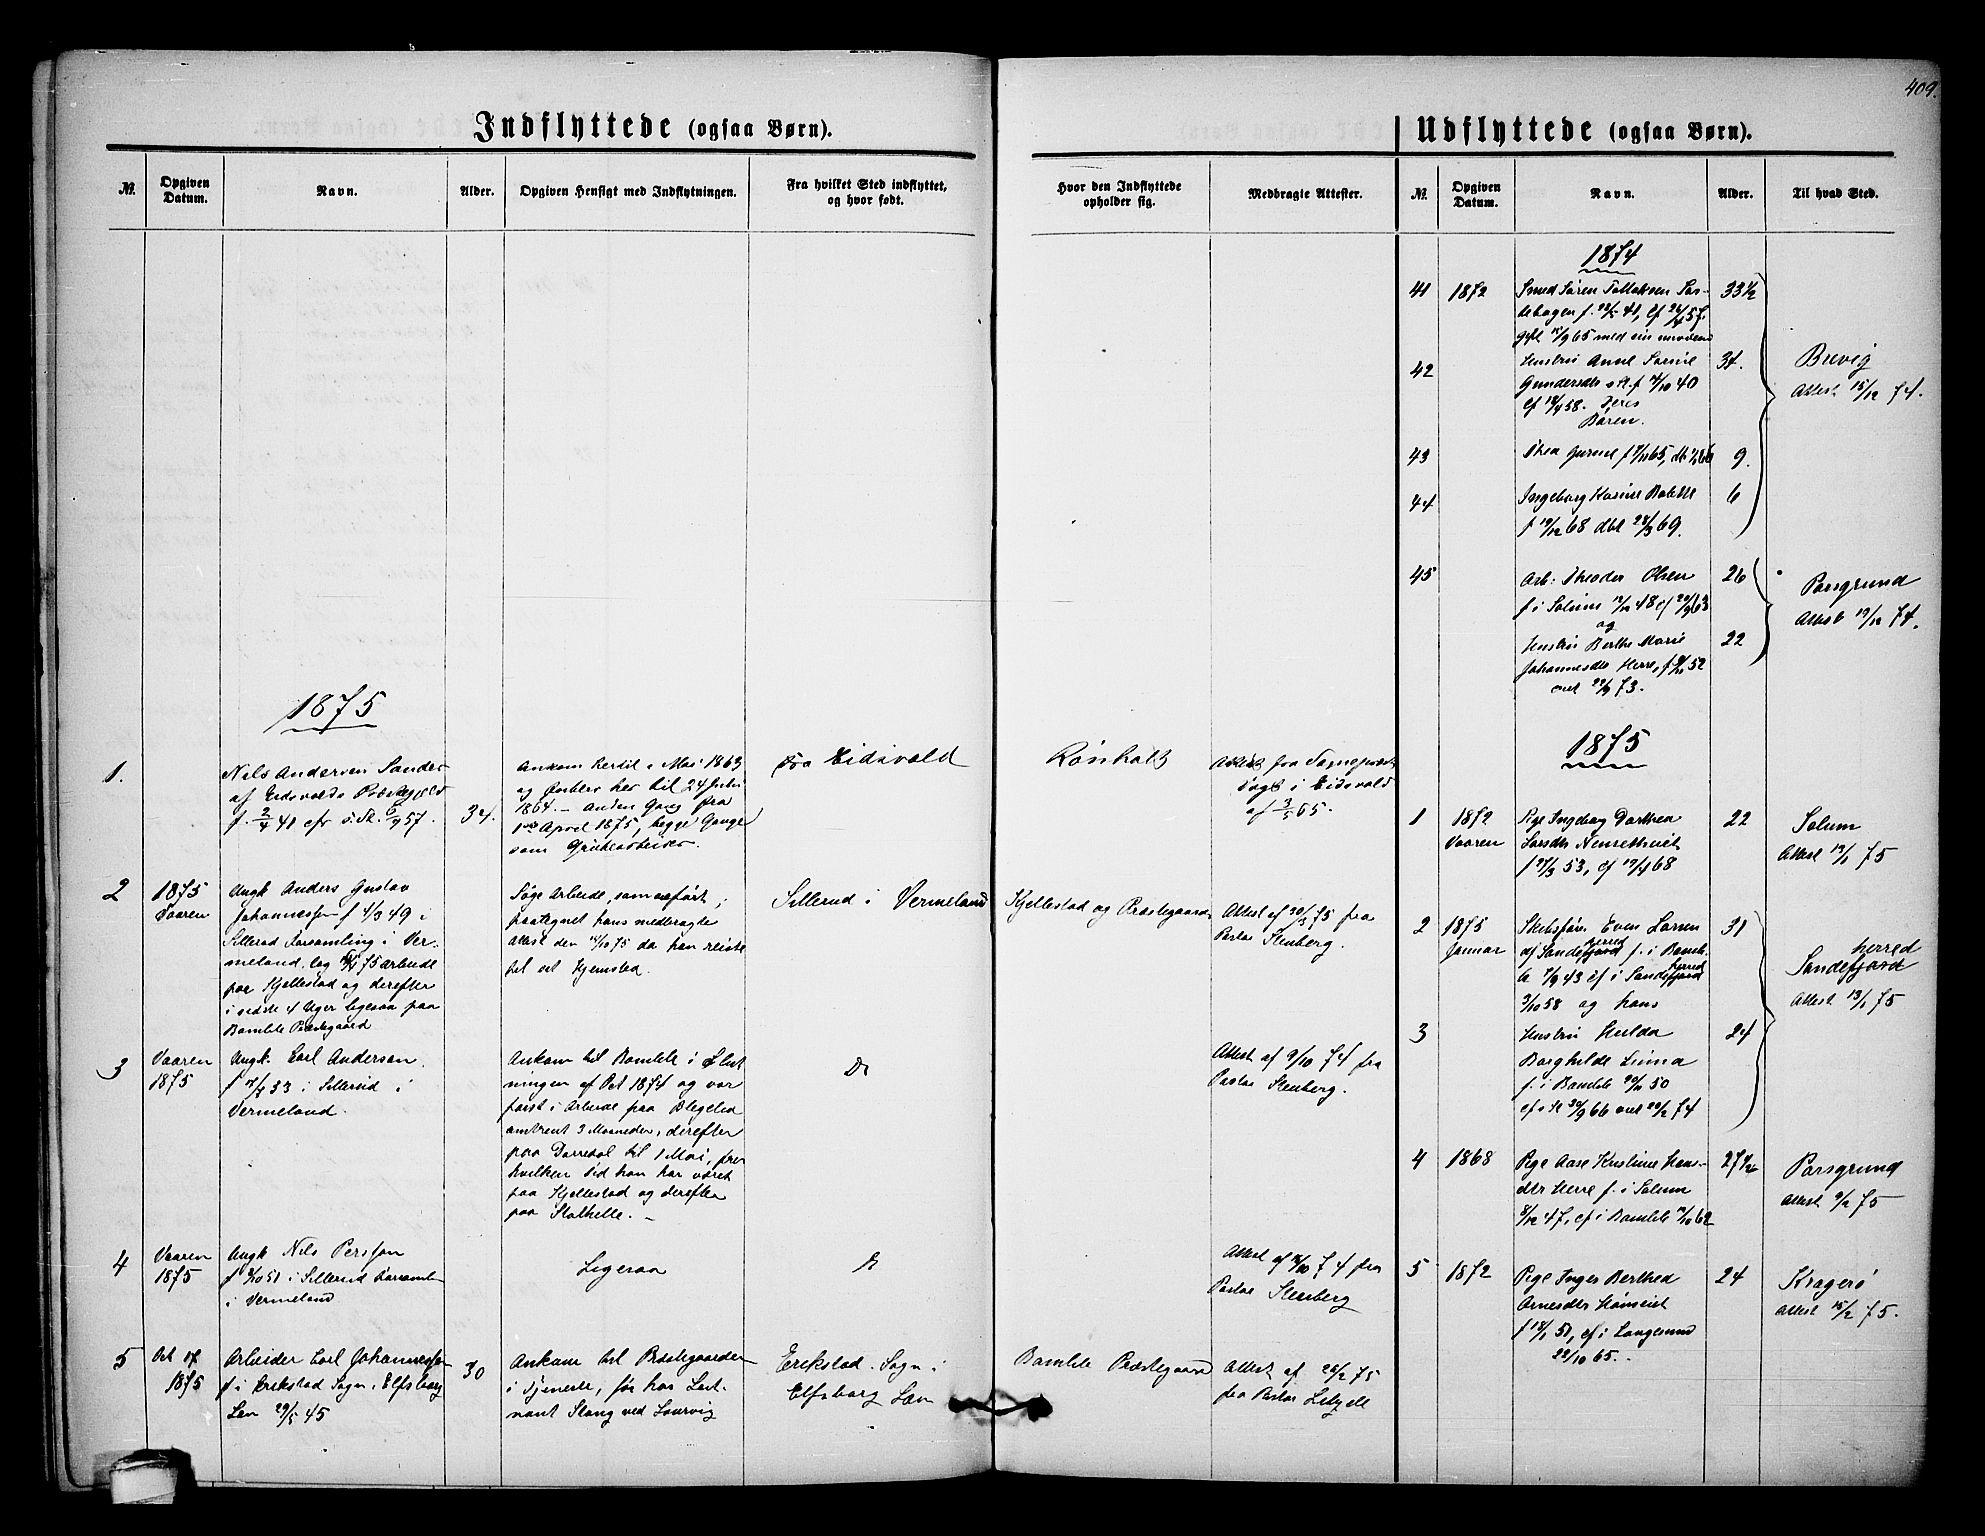 SAKO, Bamble kirkebøker, G/Ga/L0006: Klokkerbok nr. I 6, 1860-1876, s. 409